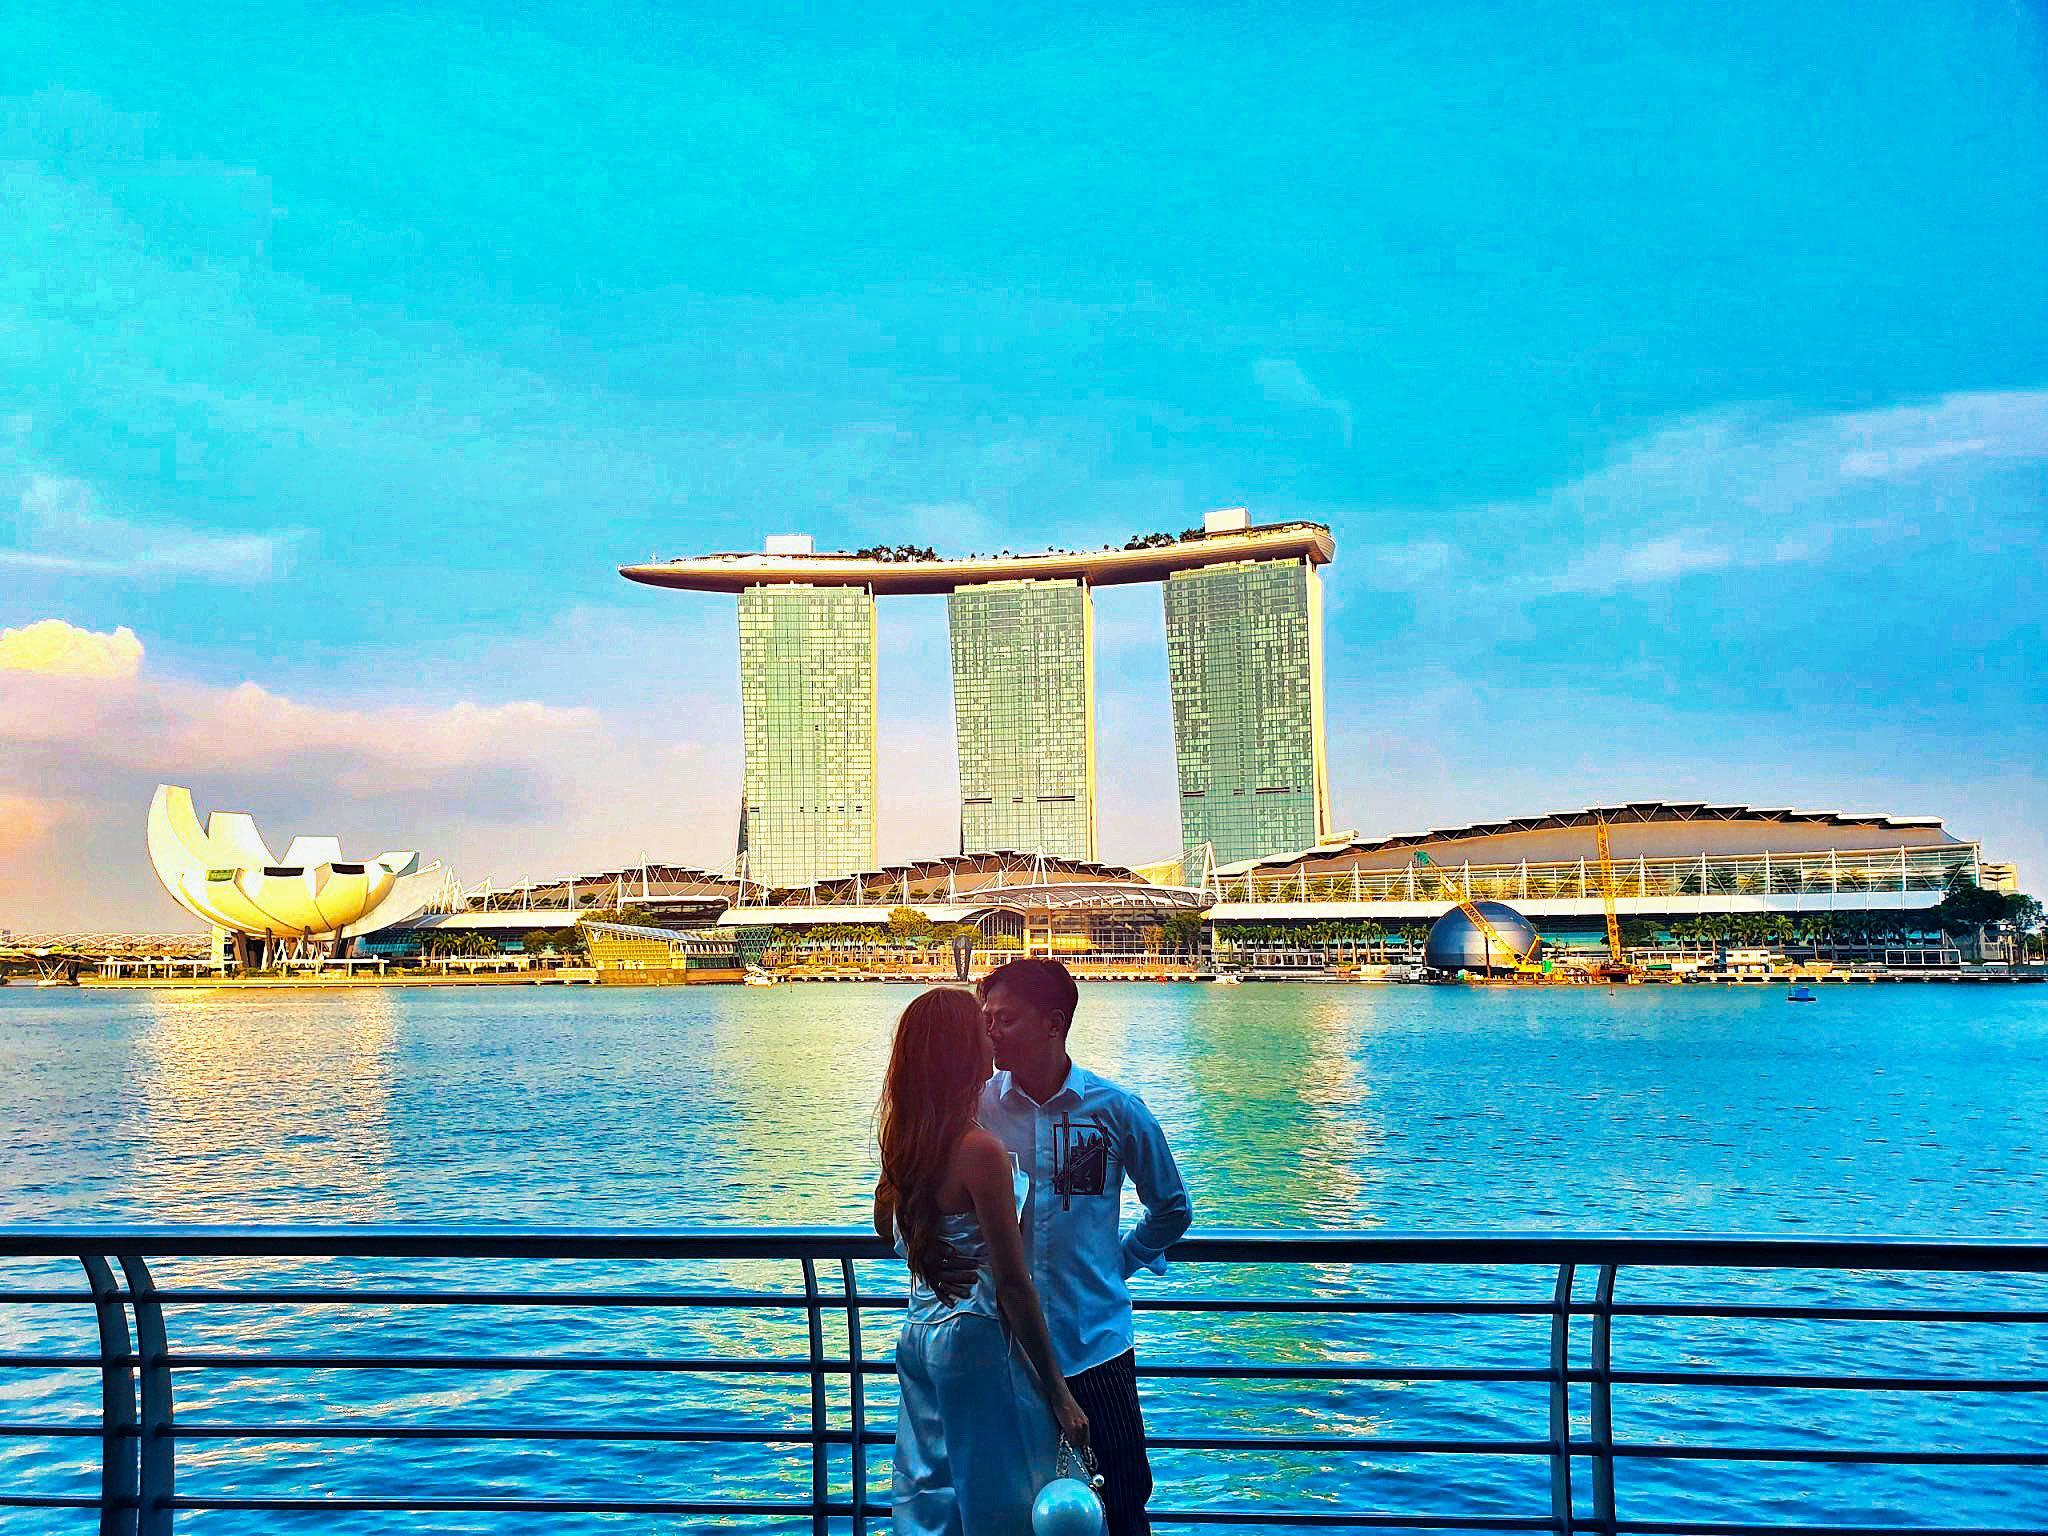 Singapore. ravelholic Lý Anh Thư, dulichchat, du lịch chất, blog du lịch, tuân cuồng chân blogger